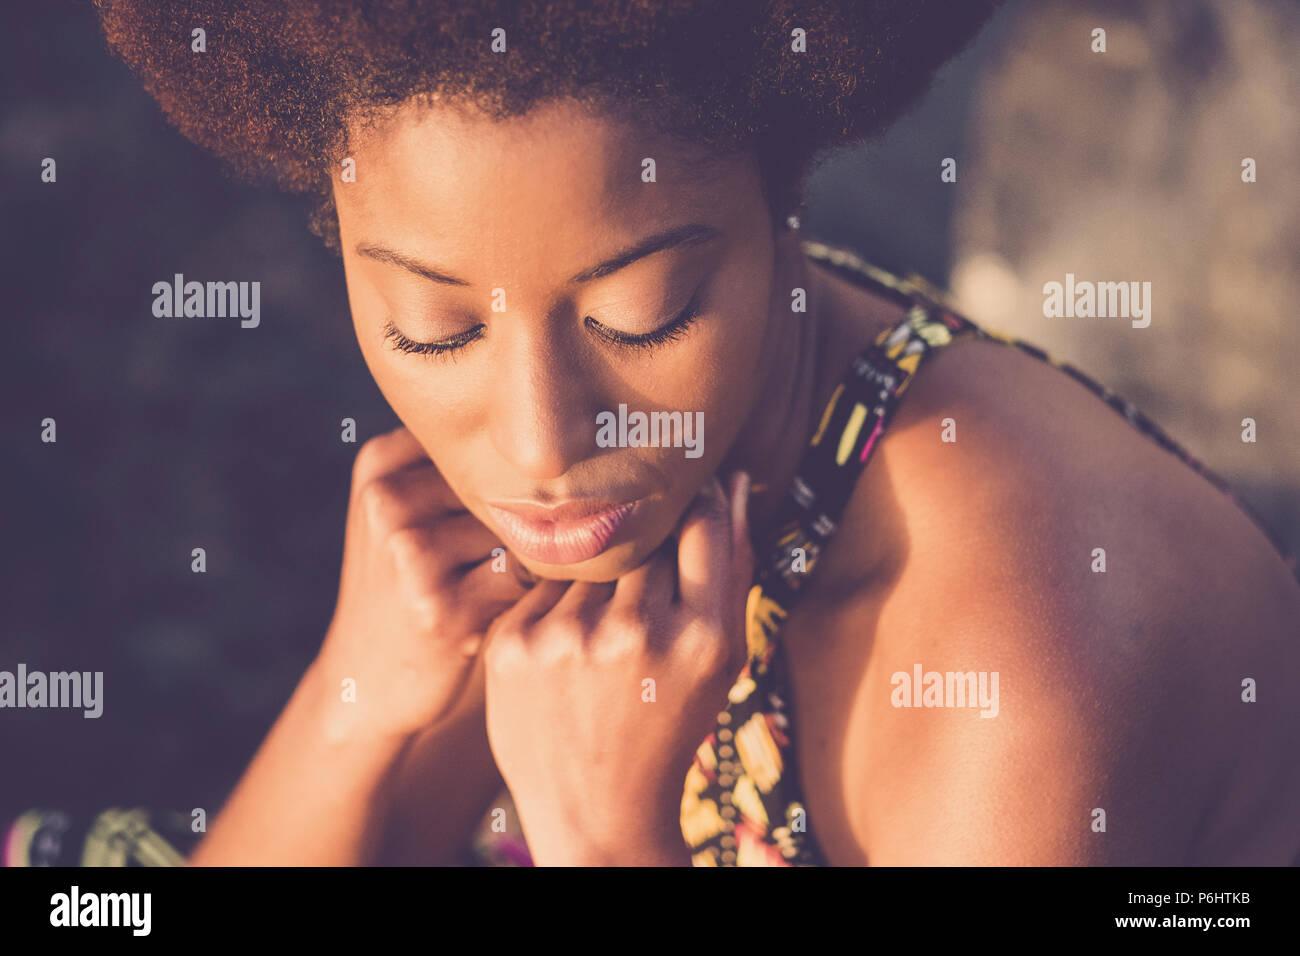 Bella gara nera africana di afro capelli stile modello con gli occhi chiusi e la mano sulla faccia pongono sotto la luce diretta del sole. Il concetto di bellezza per la pelle nera e a Immagini Stock